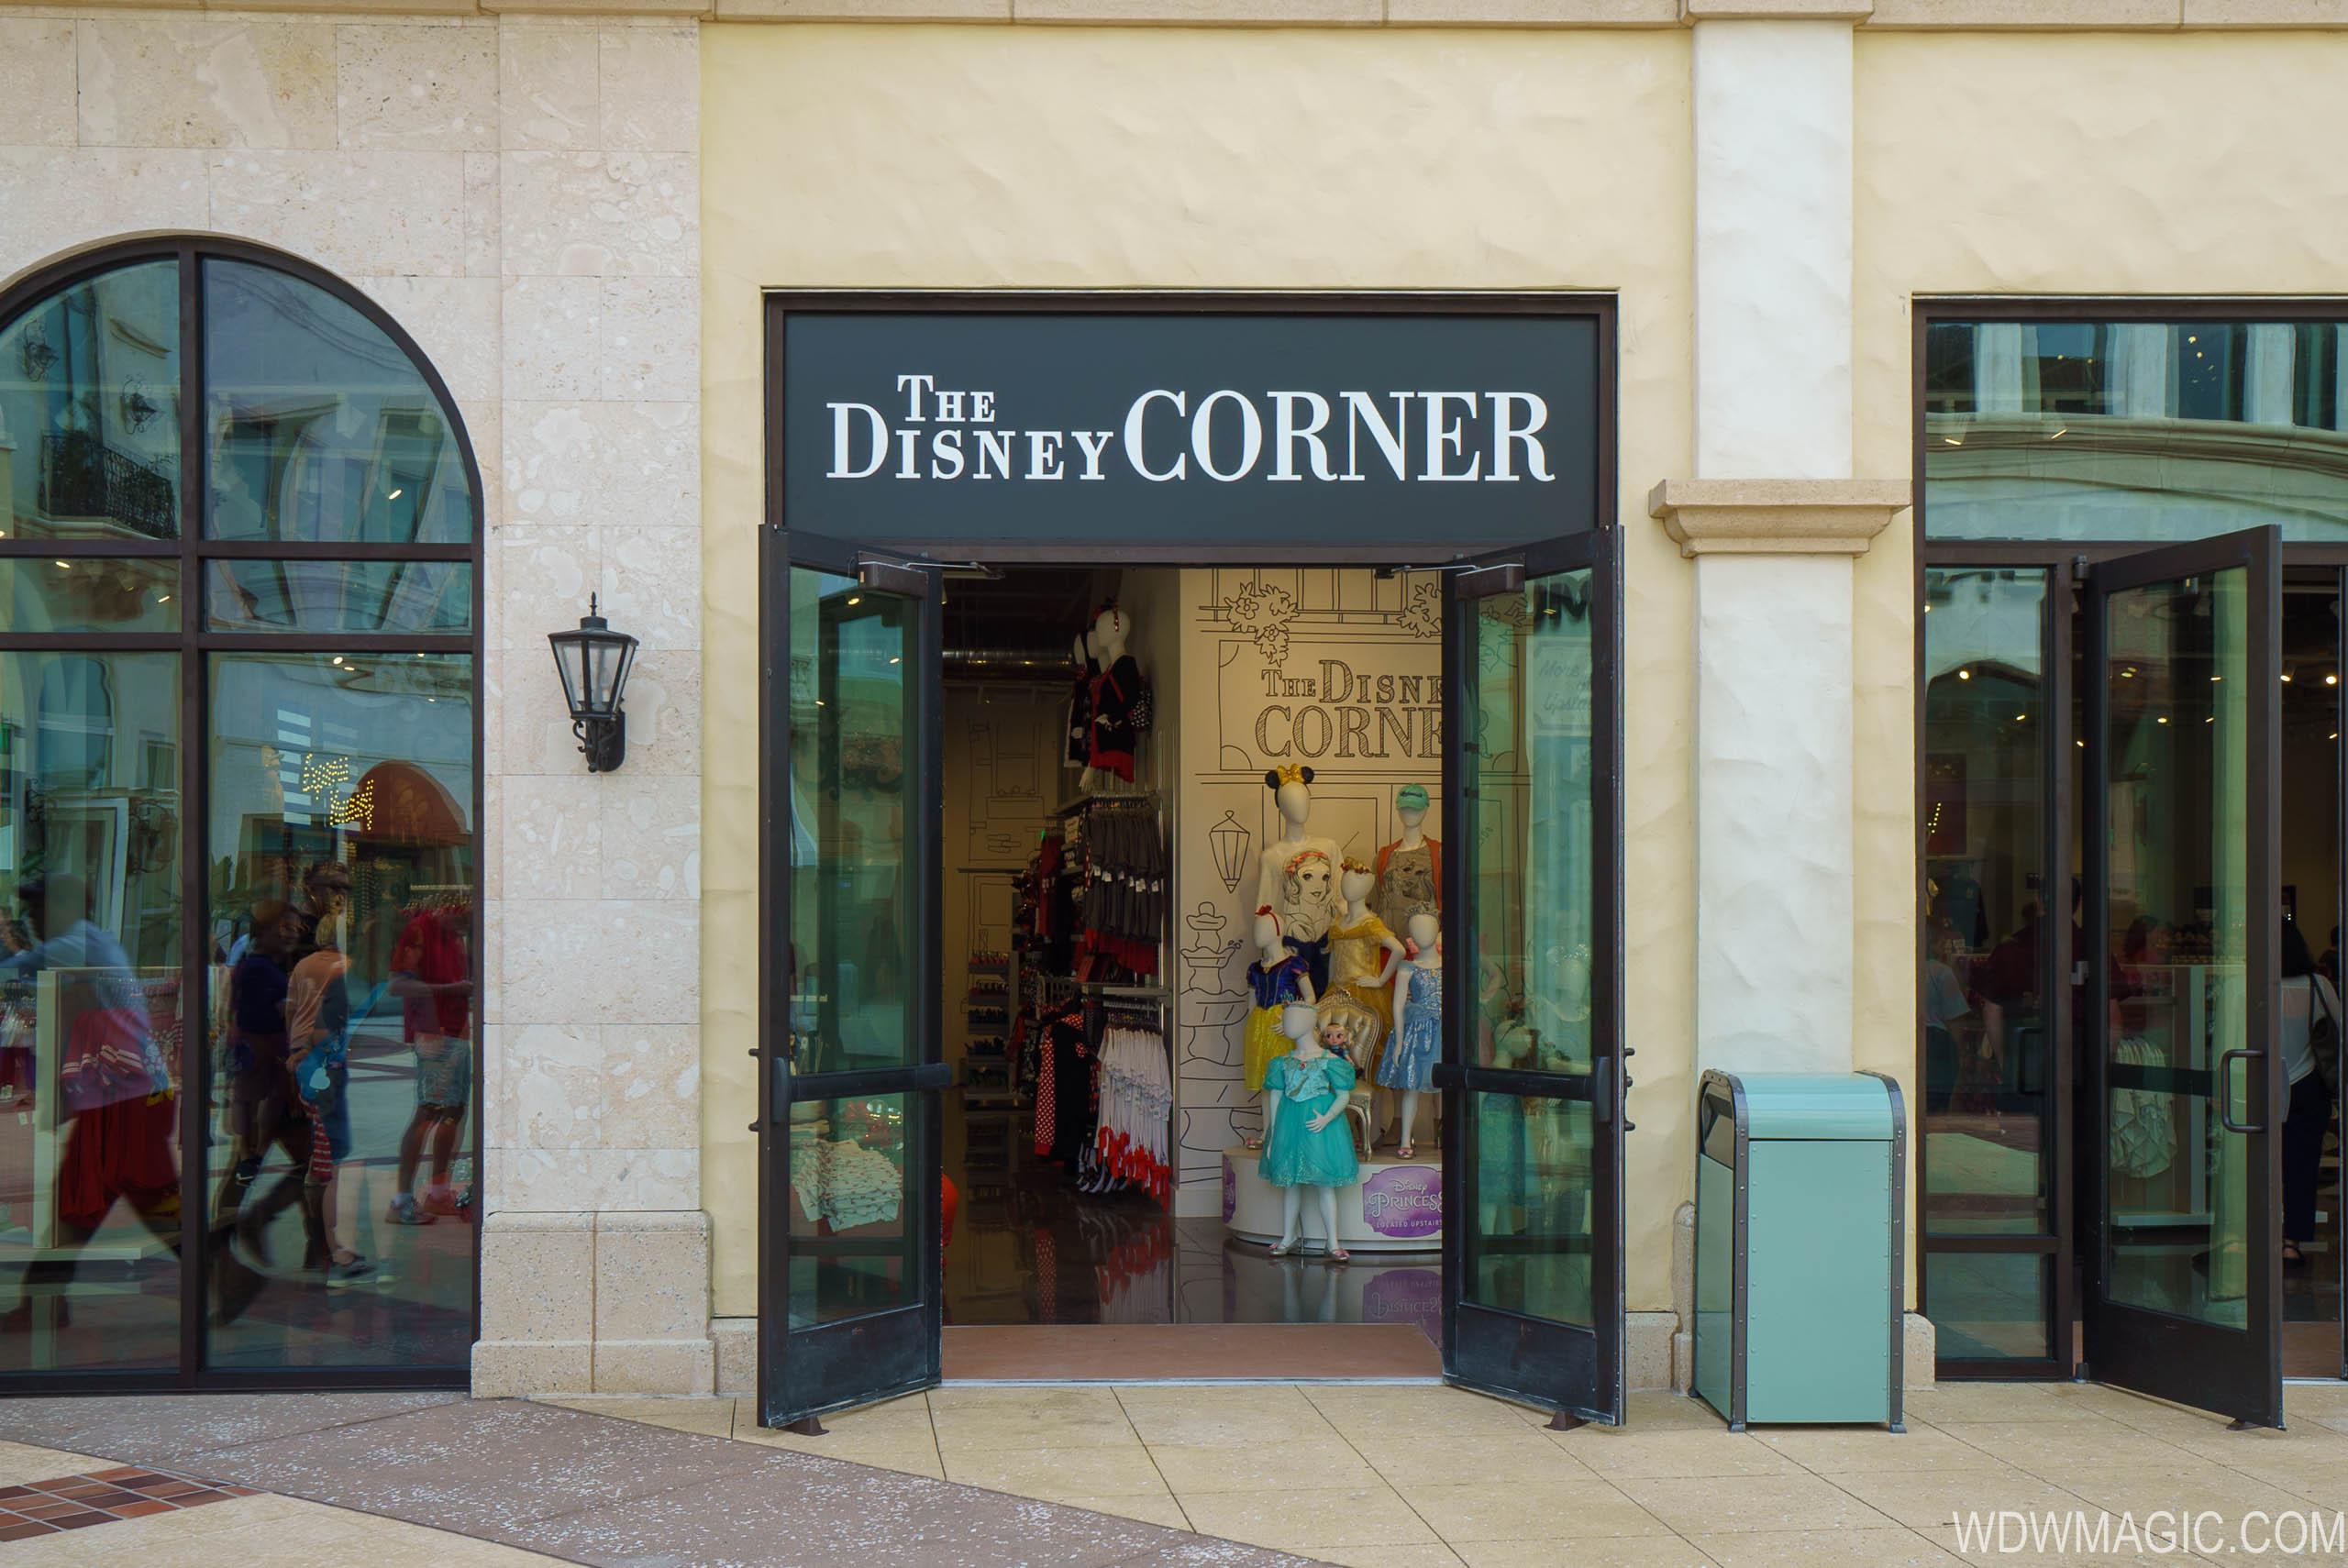 The Disney Corner